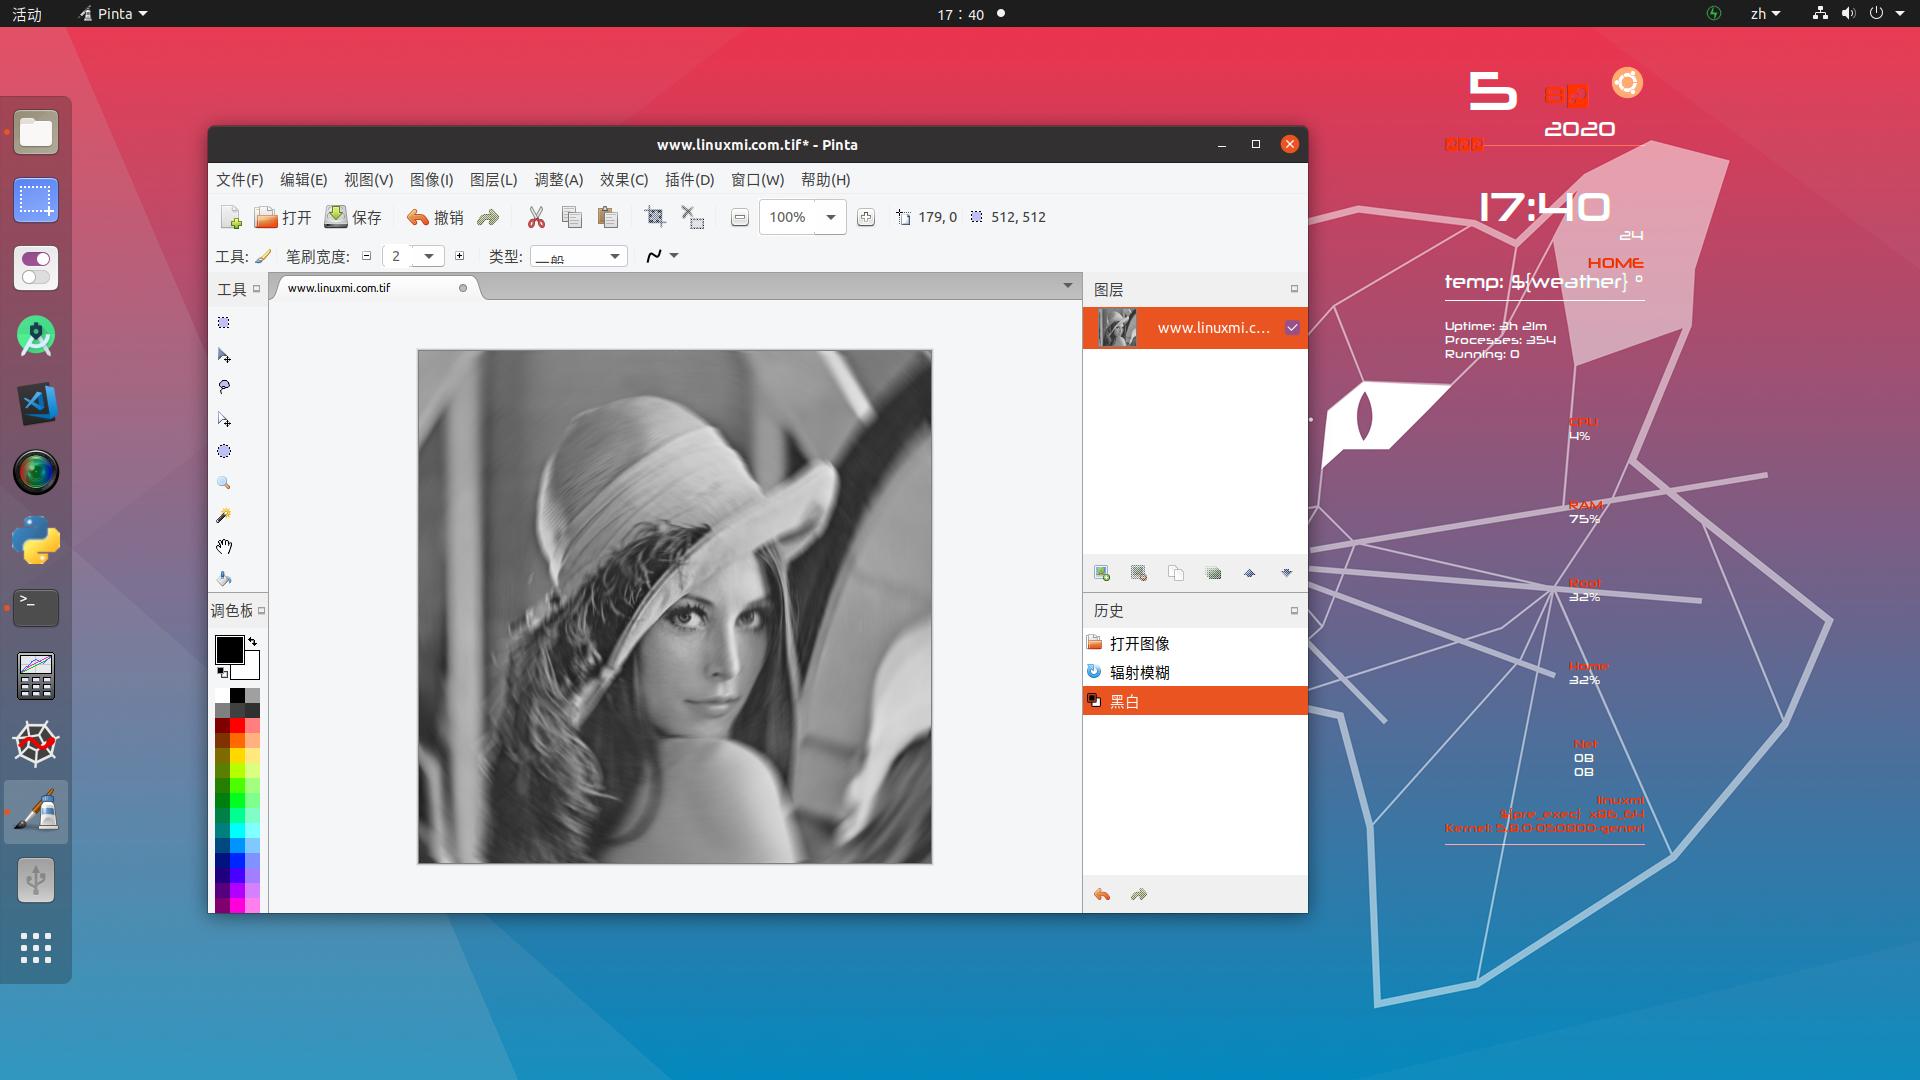 时隔5年!开源图像编辑和绘图软件Pinta发布新的重要版本